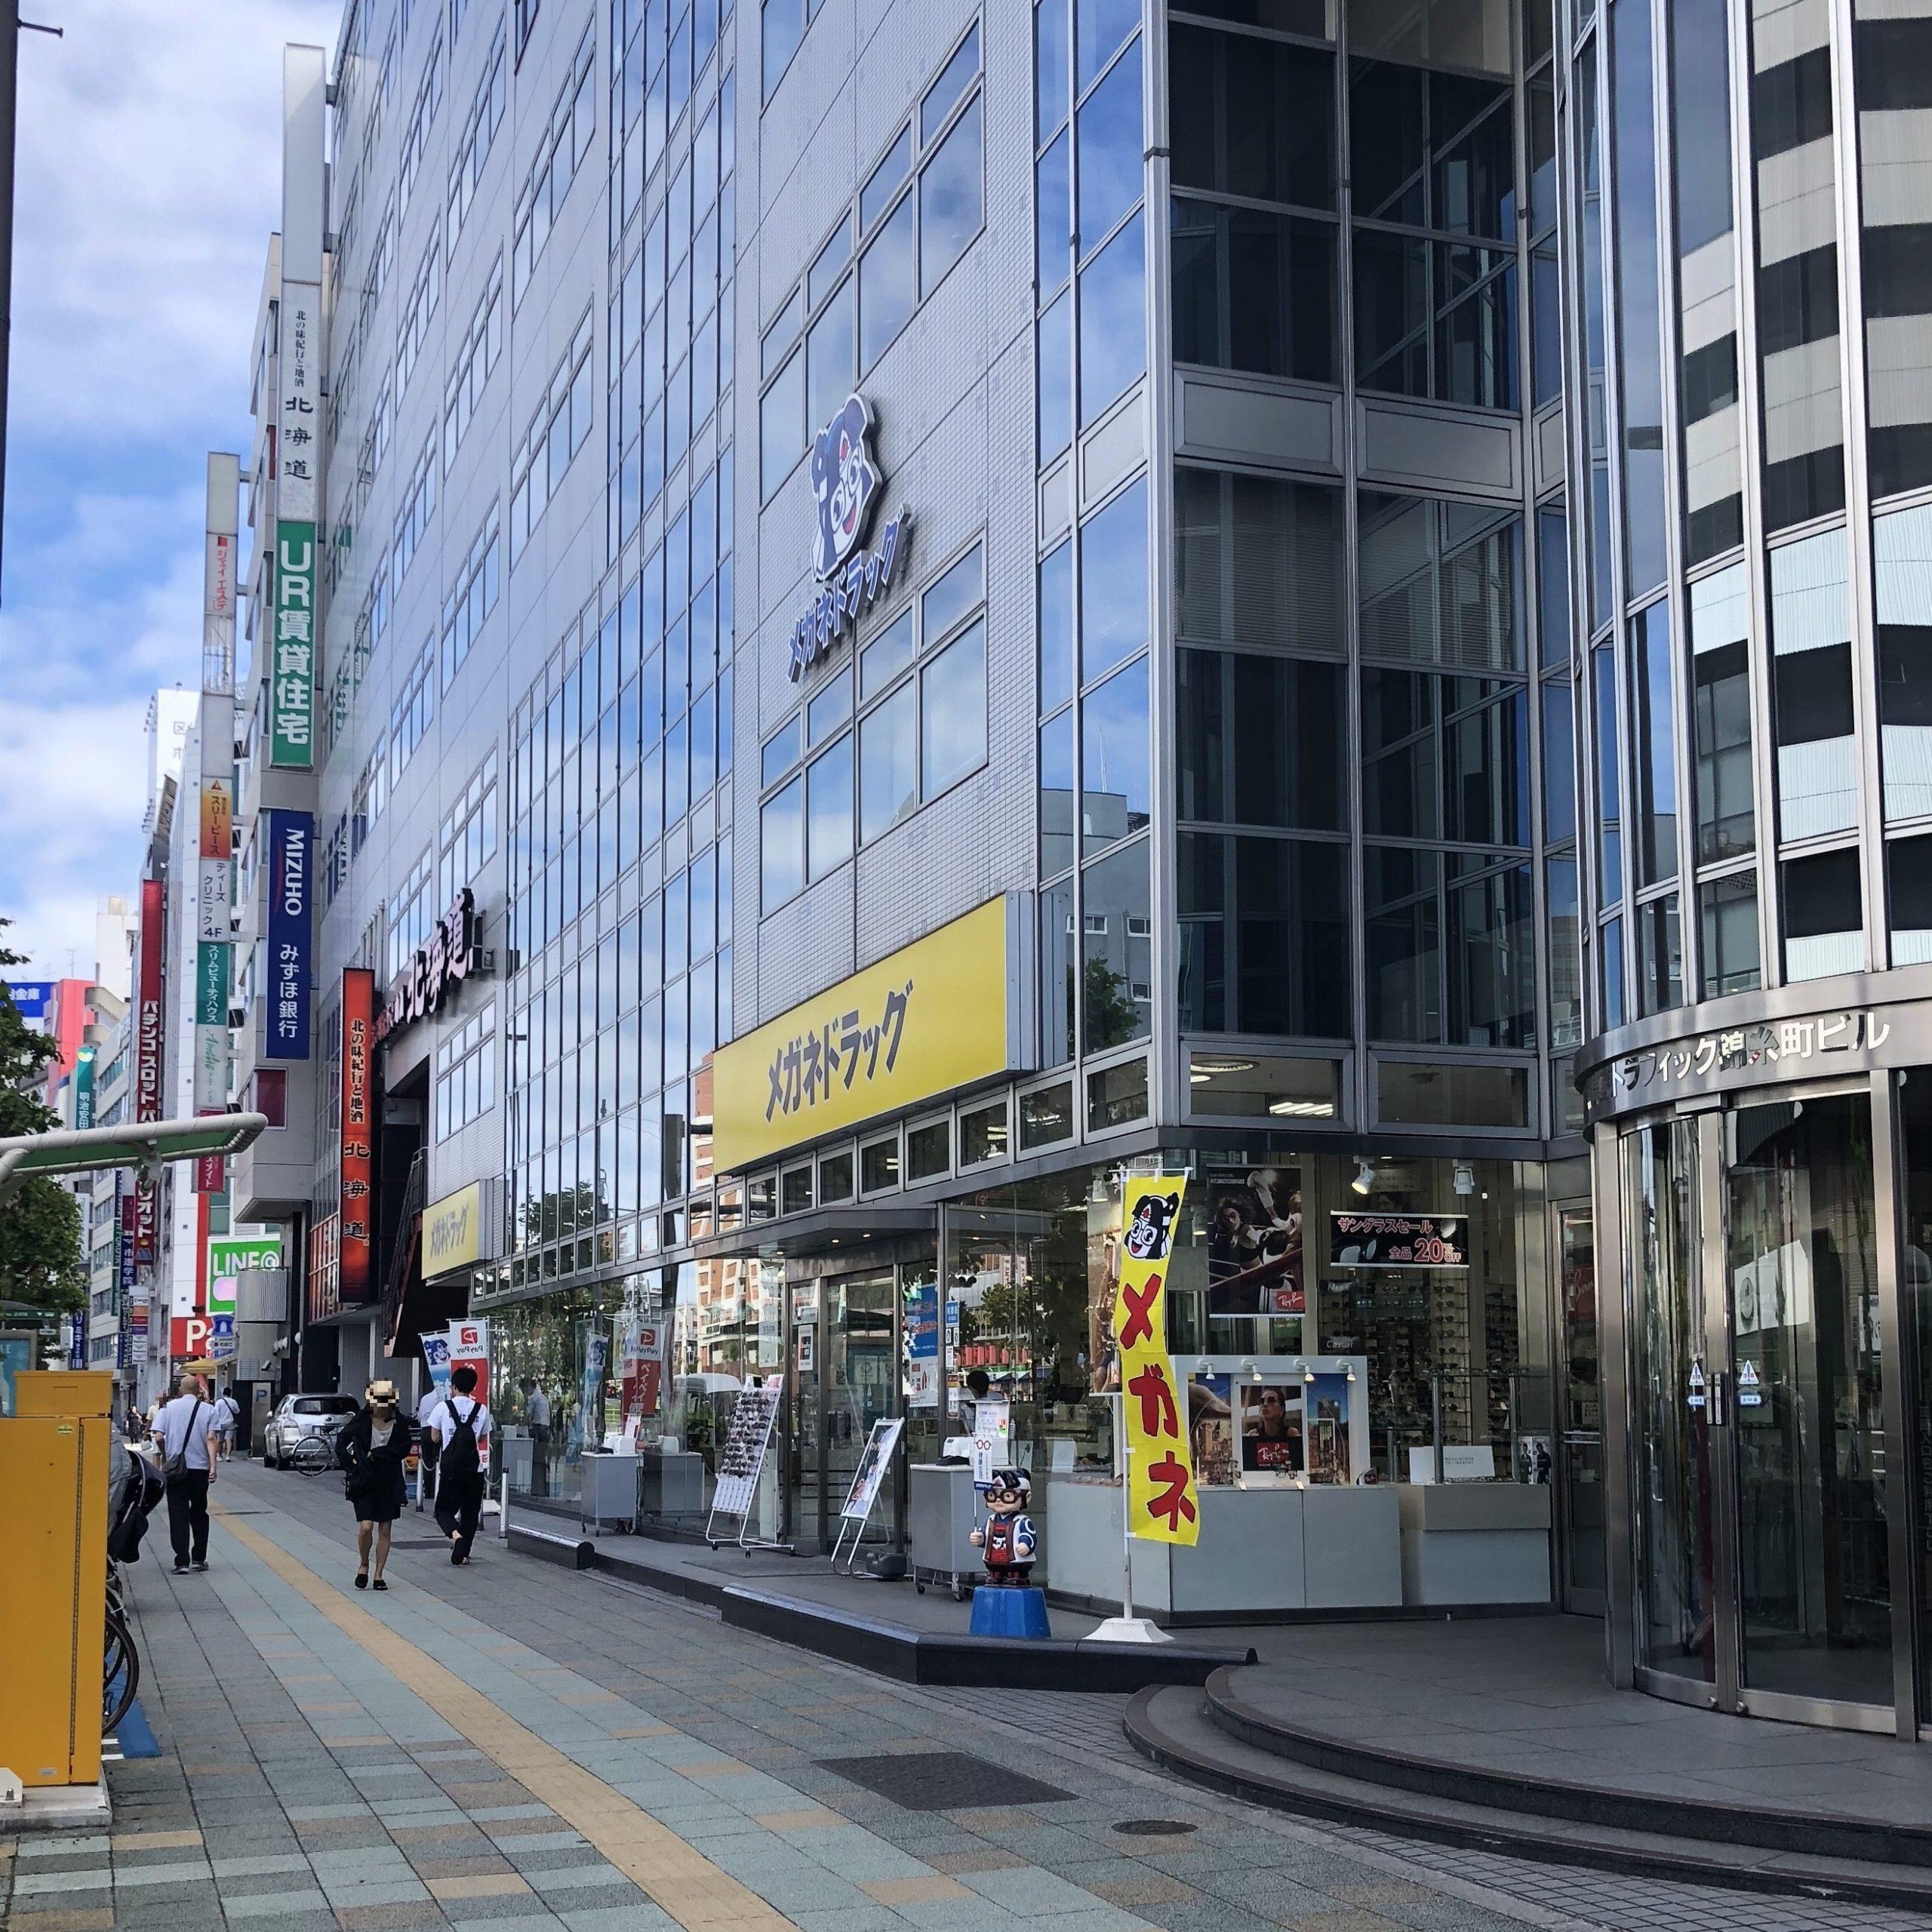 4.みずほ銀行に向かい、信号を渡ったら左に進みます。